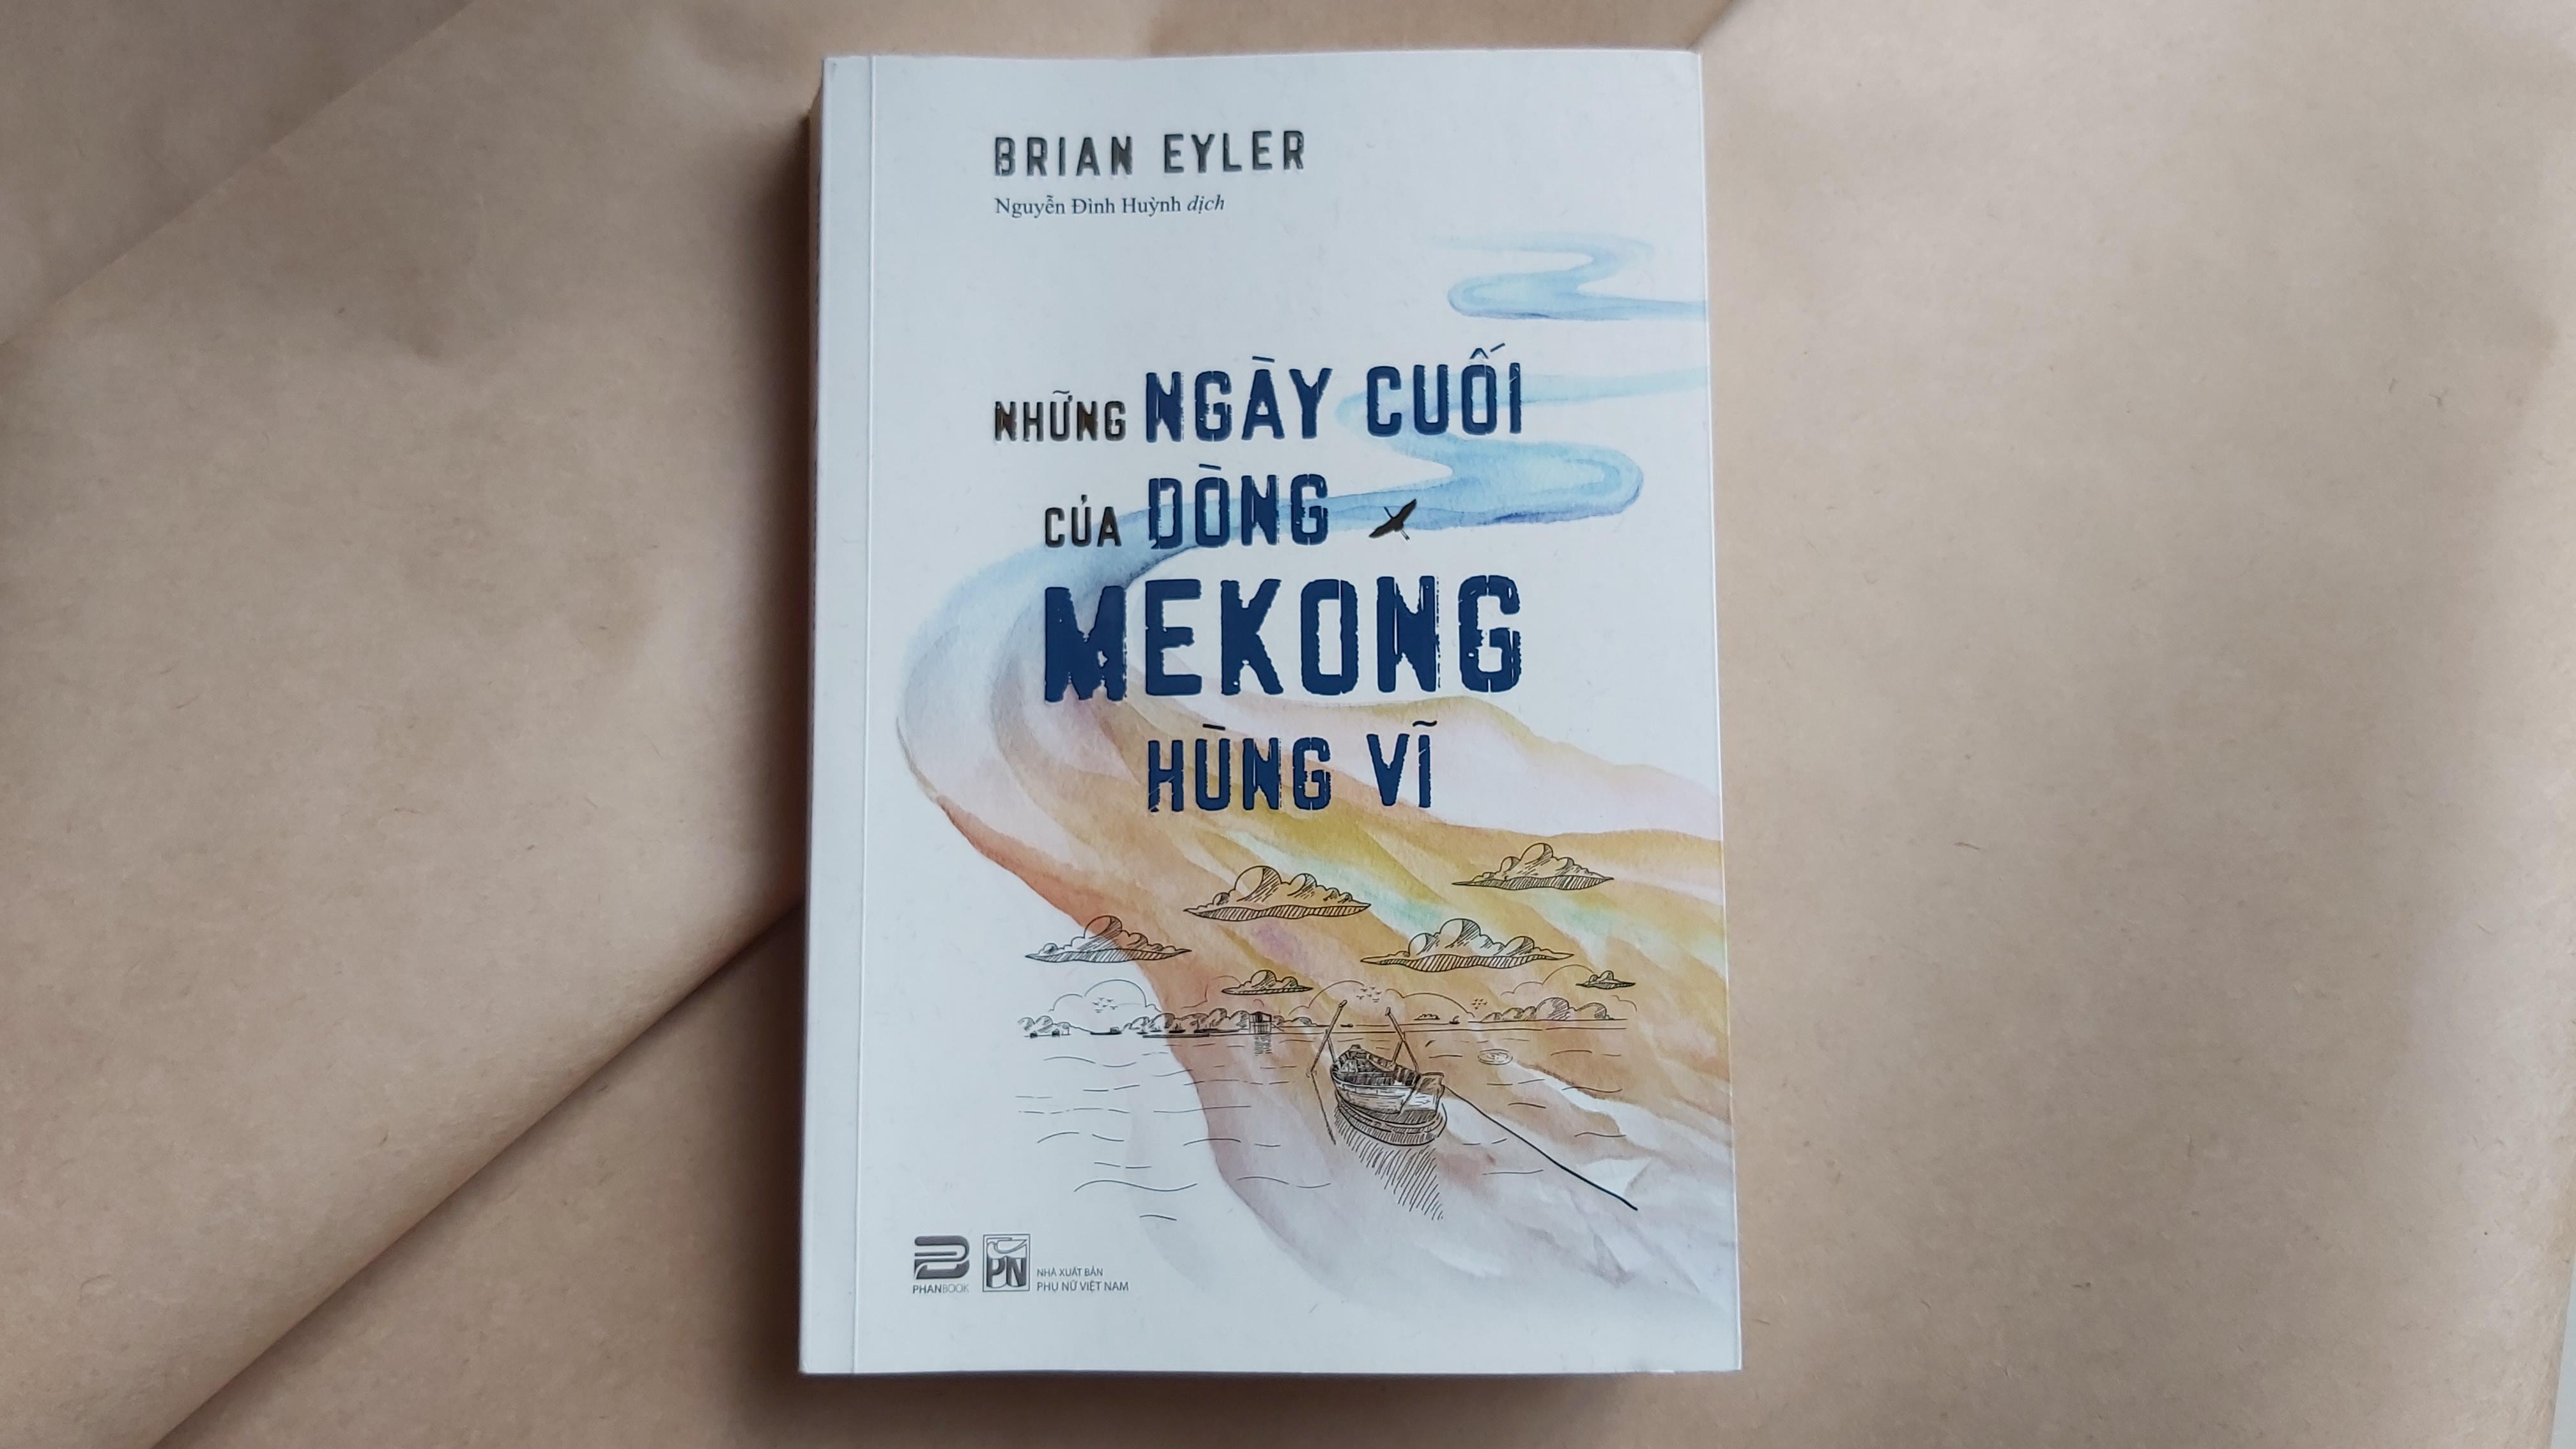 Những ngày cuối của dòng Mekong hùng vĩ (tựa gốc: Last Days of the Mighty Mekong) ra mắt ở Việt Nam vào tháng 7/2020 và lập tức được tái bản sau đó 2 tuần.